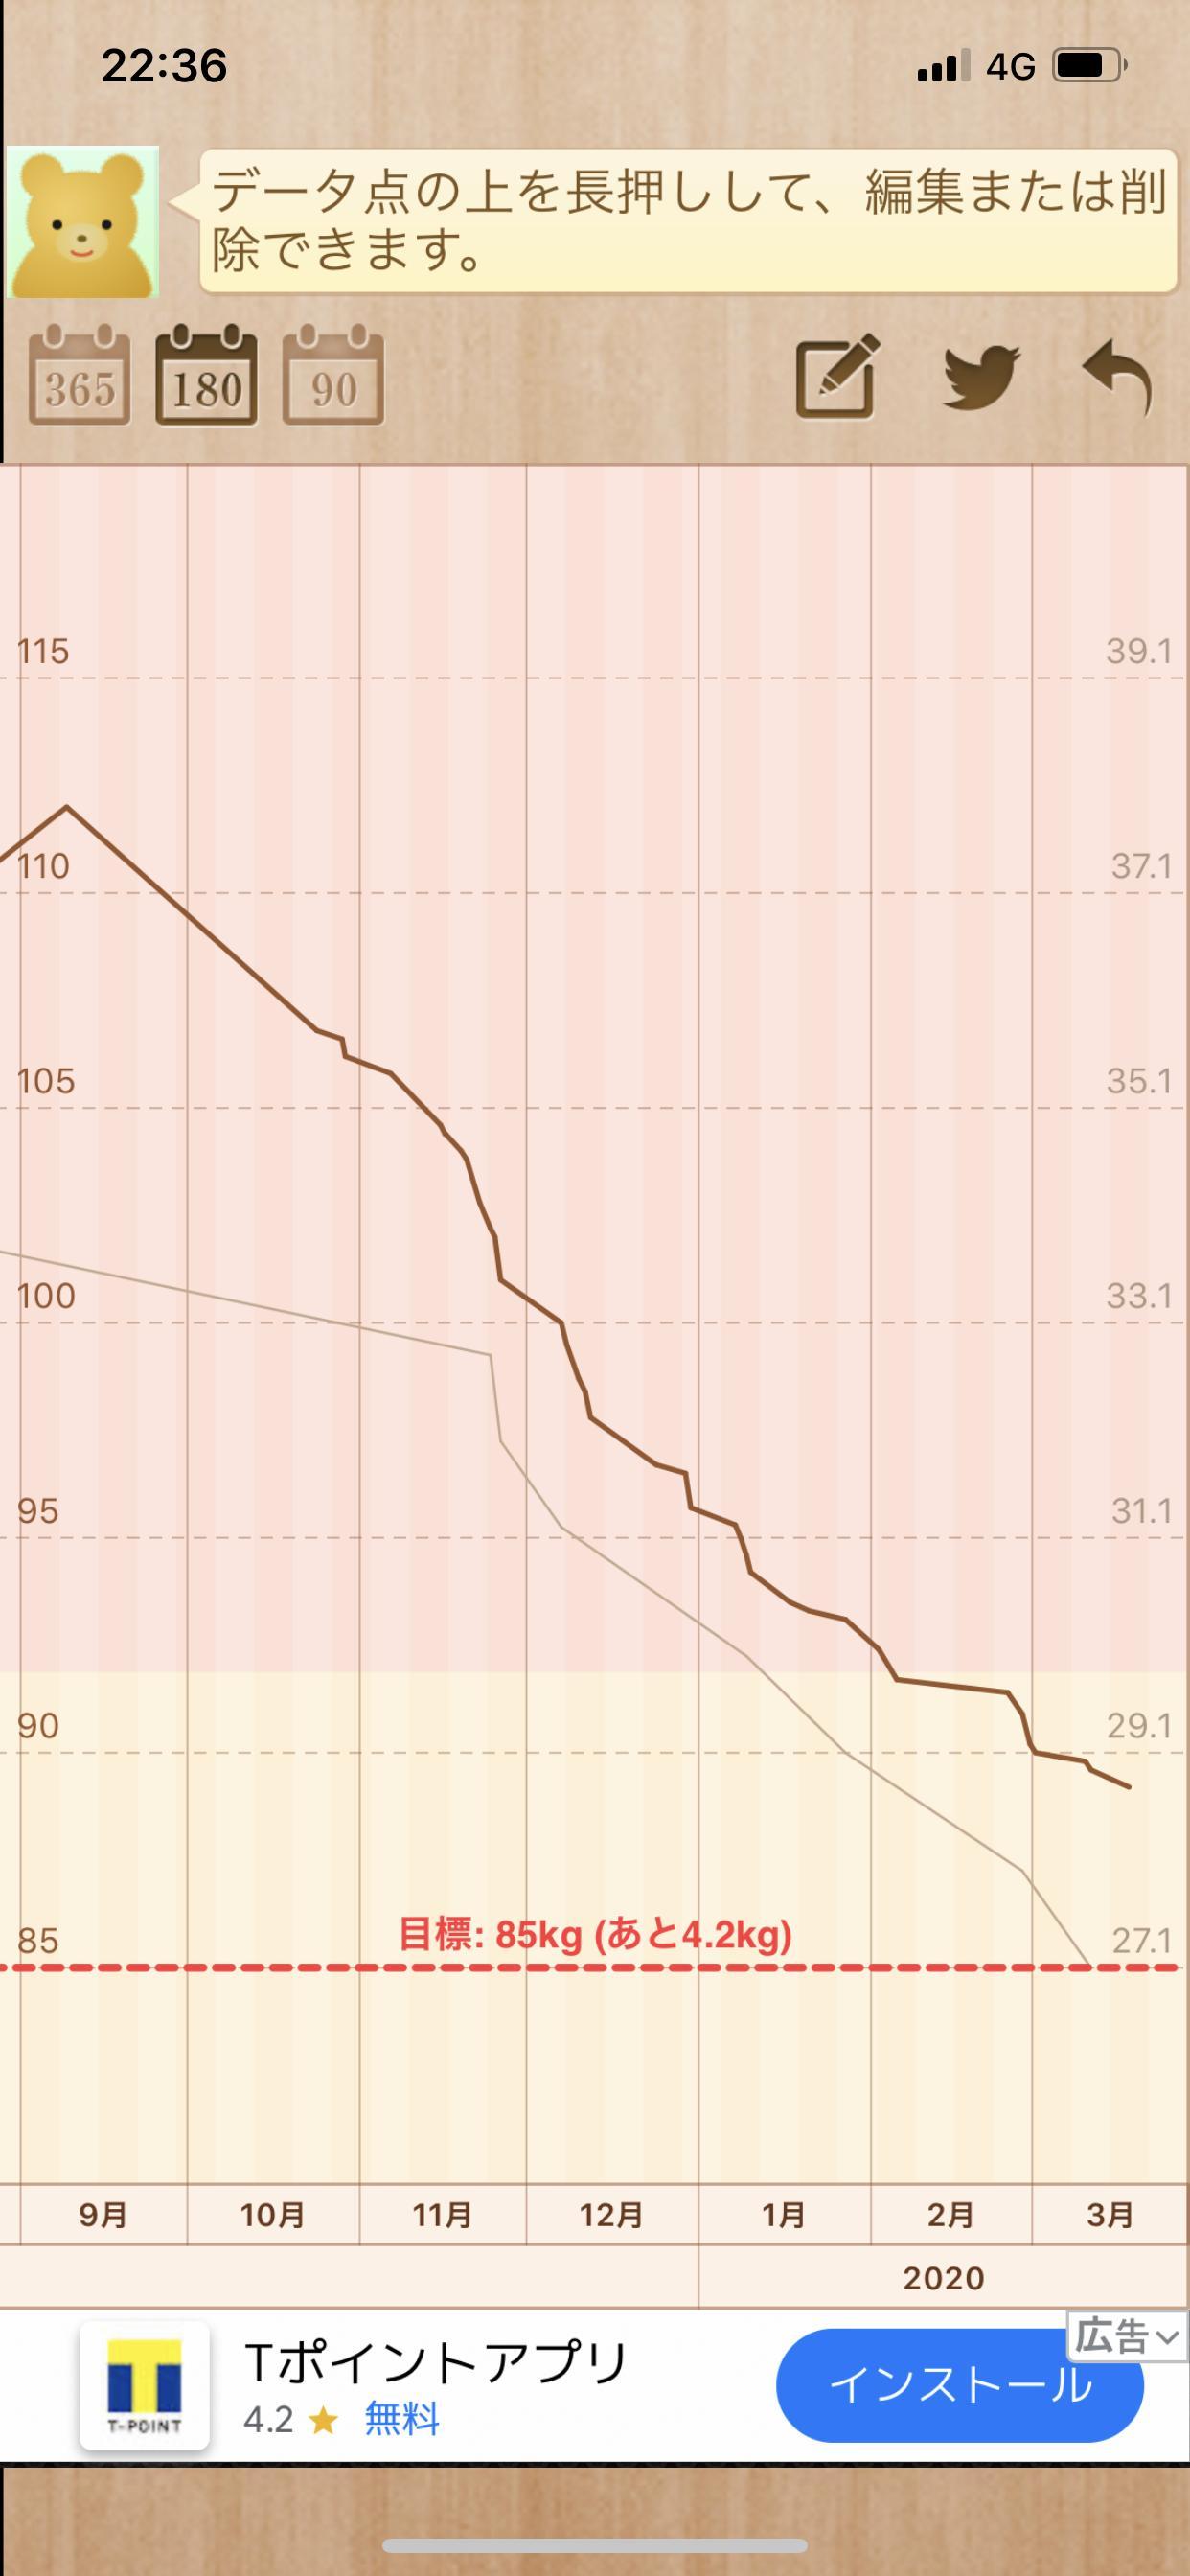 ワイクソデブ、ダイエット始めて順調に痩せてたが体重落ちなくなる